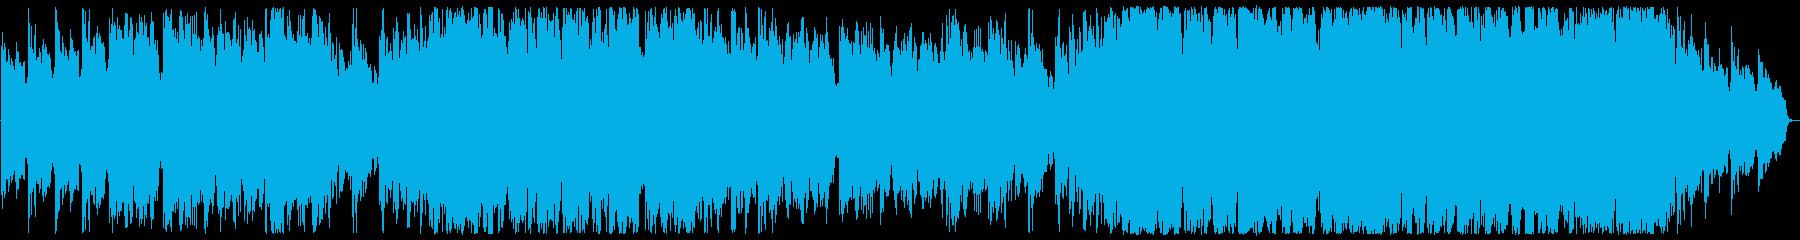 ハープとオーケストラENYA風ヒーリングの再生済みの波形